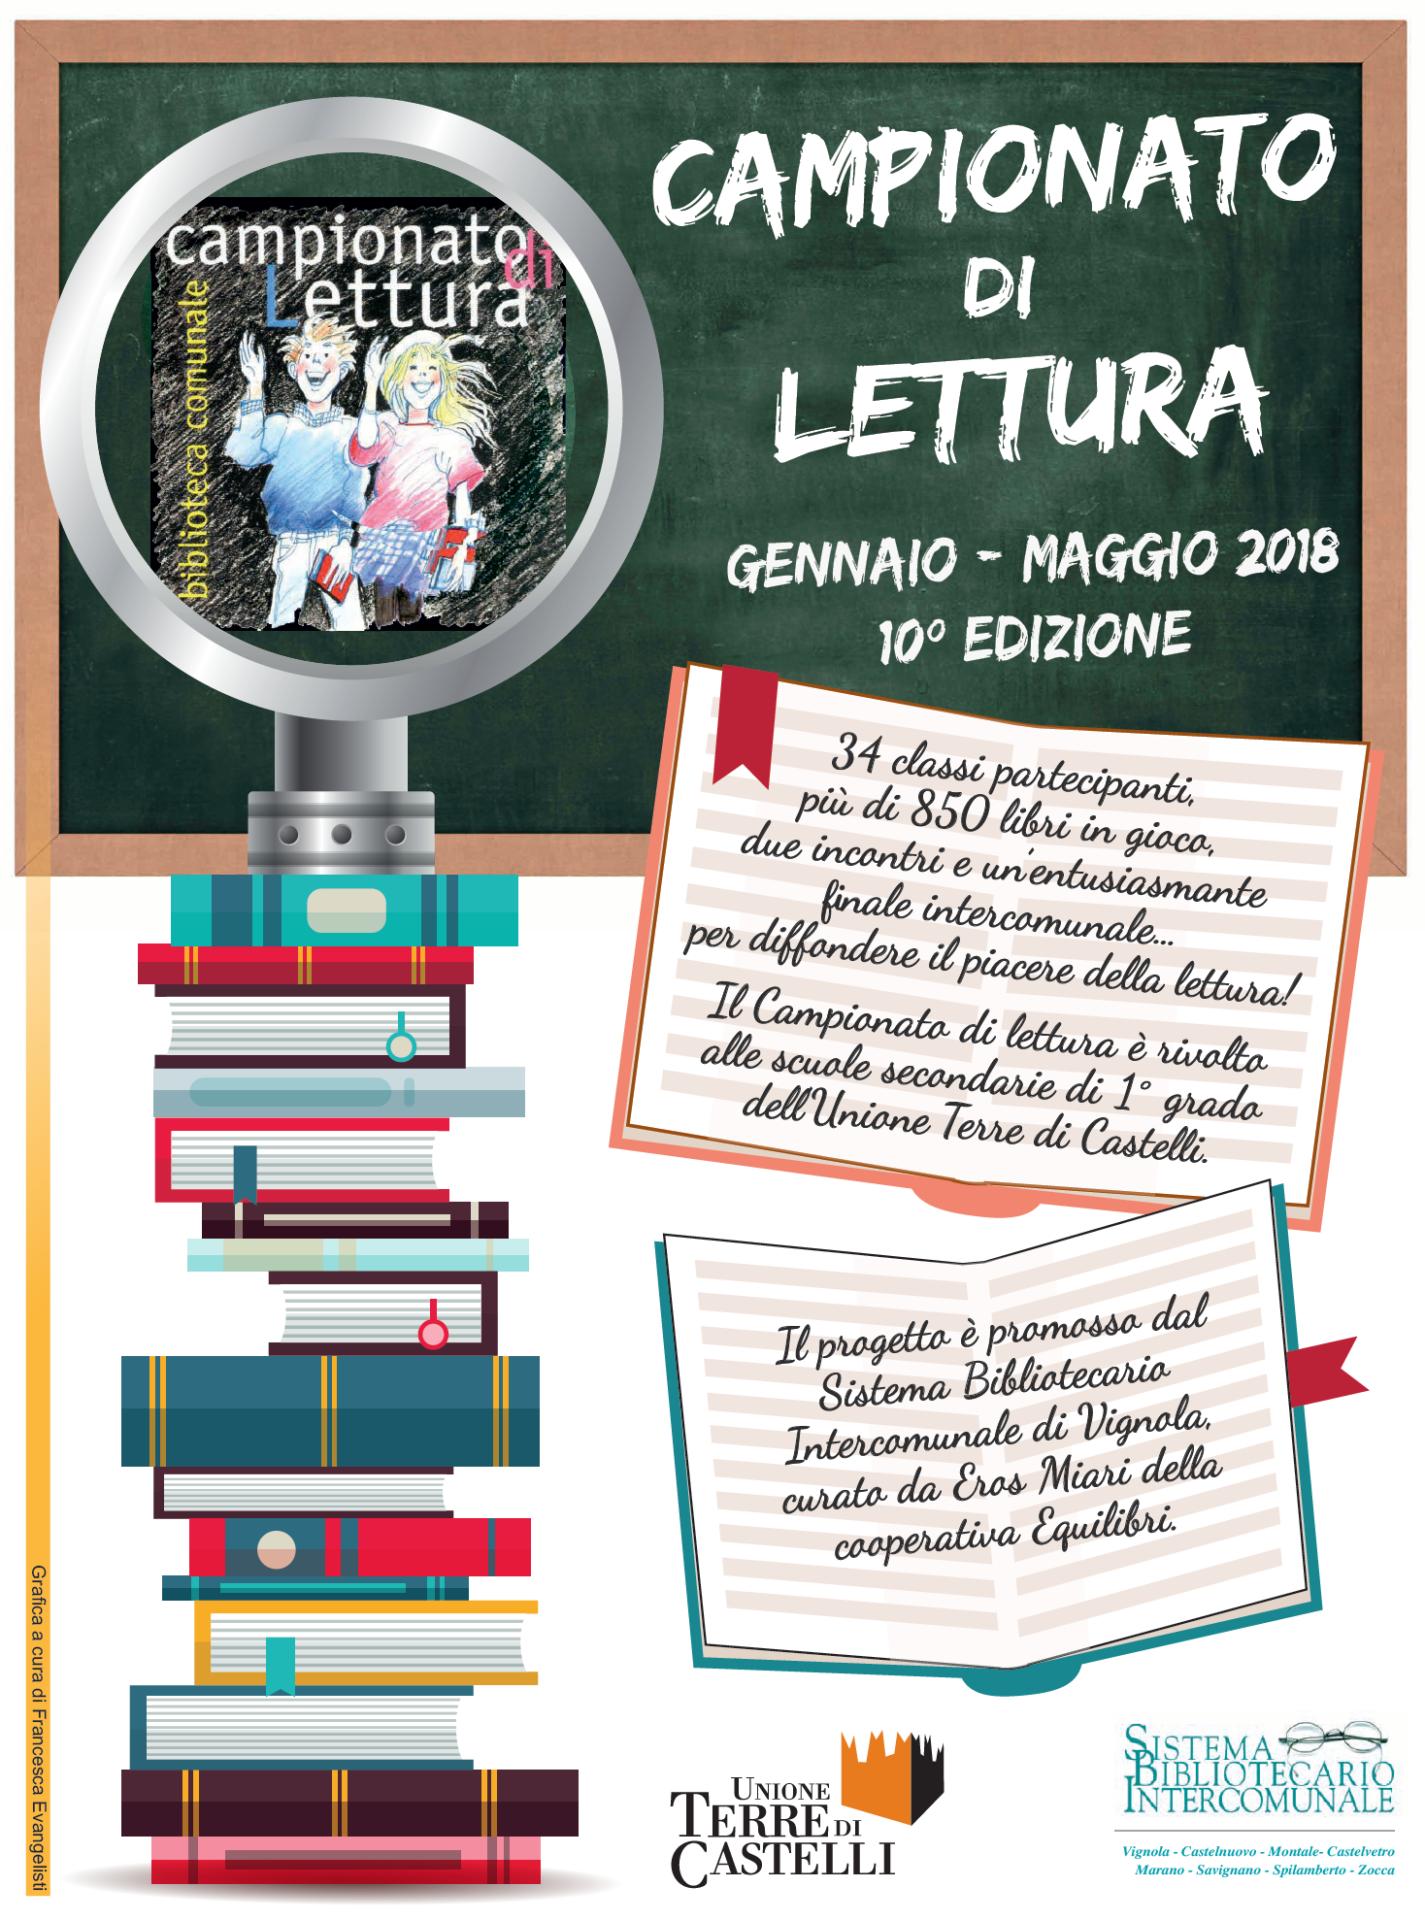 campionato di lettura 2017-2018